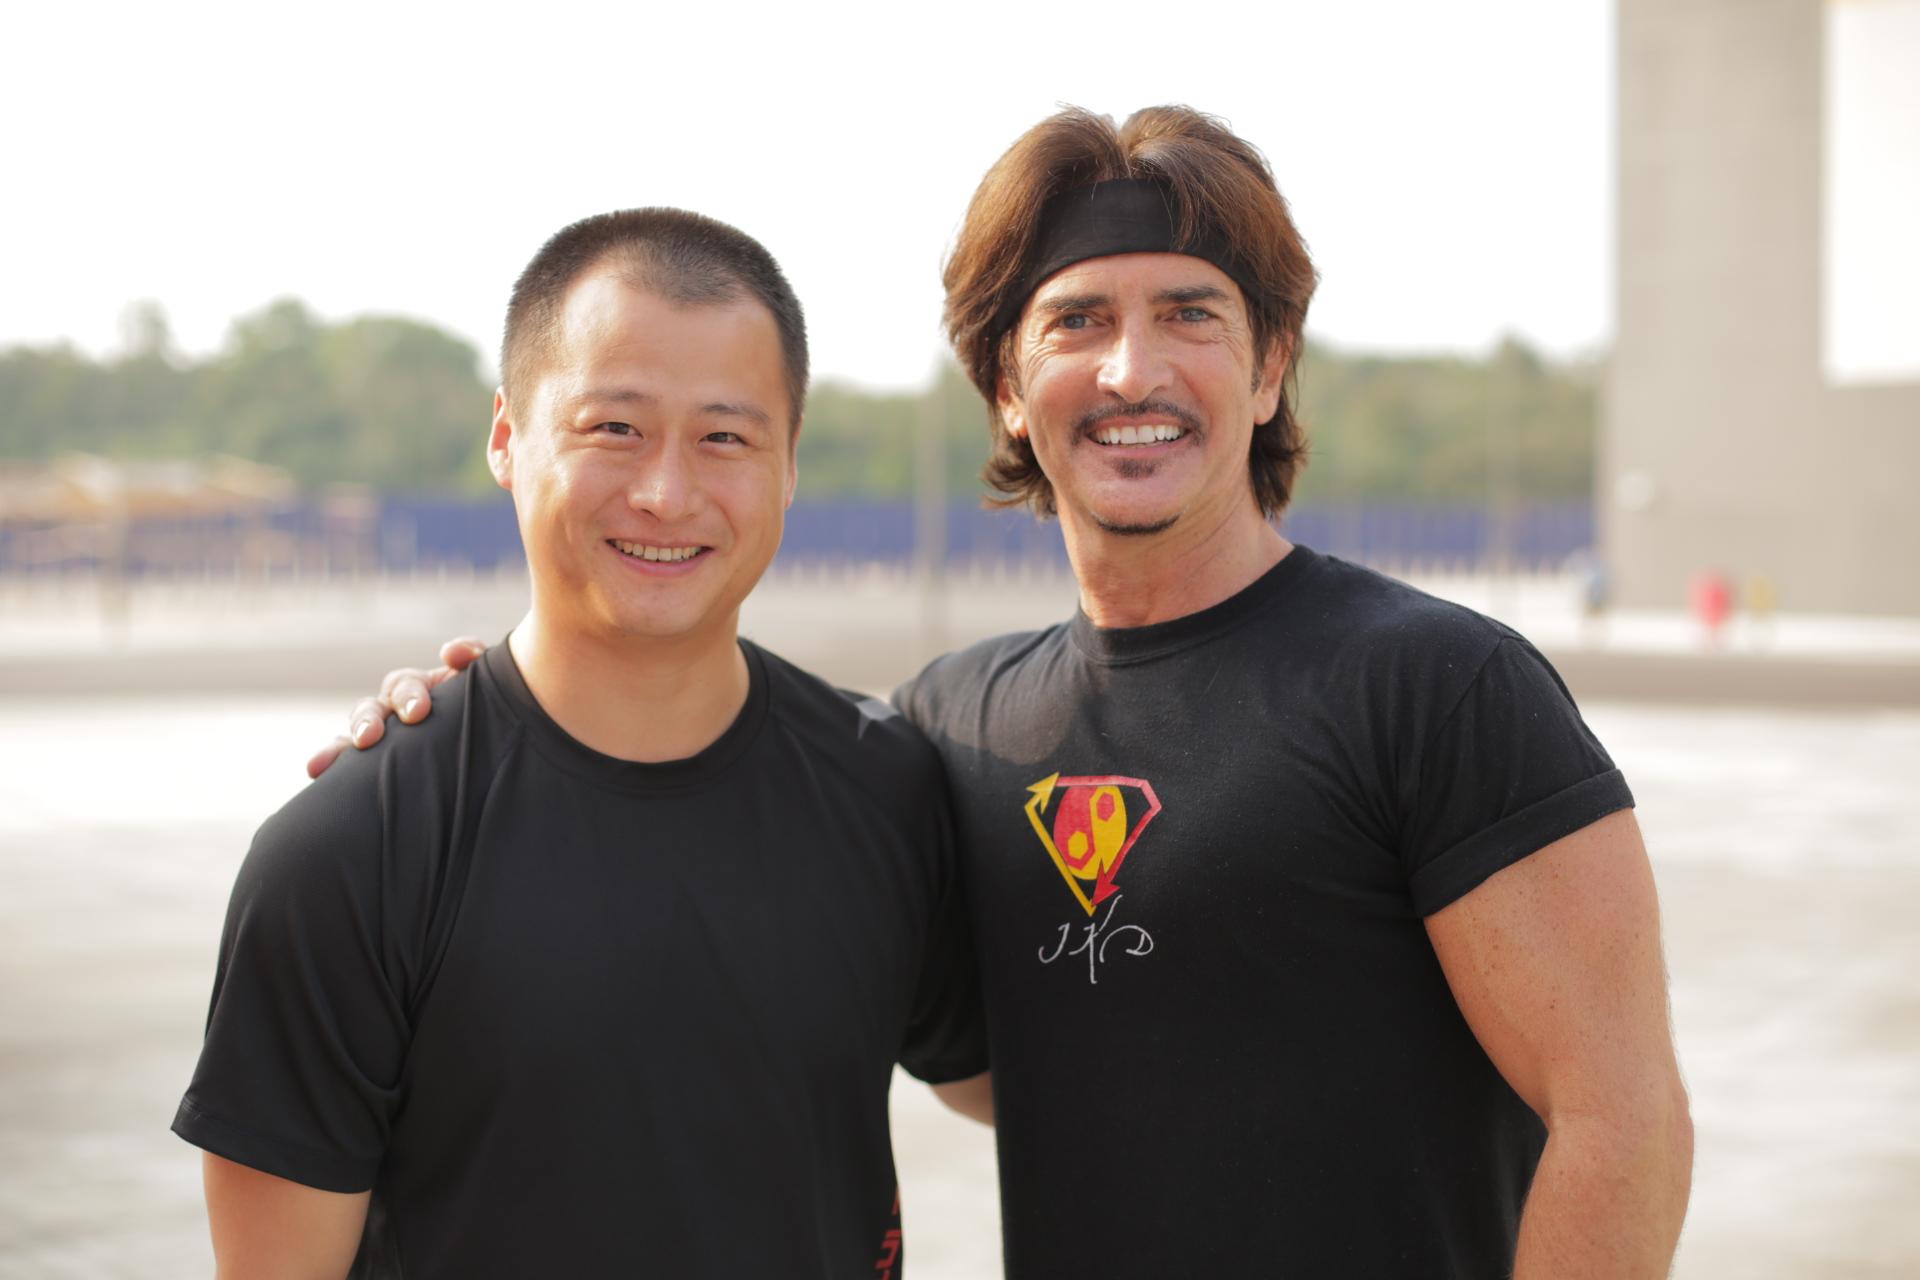 Jun Kun, who was lost on flight MM370 with John Fusco